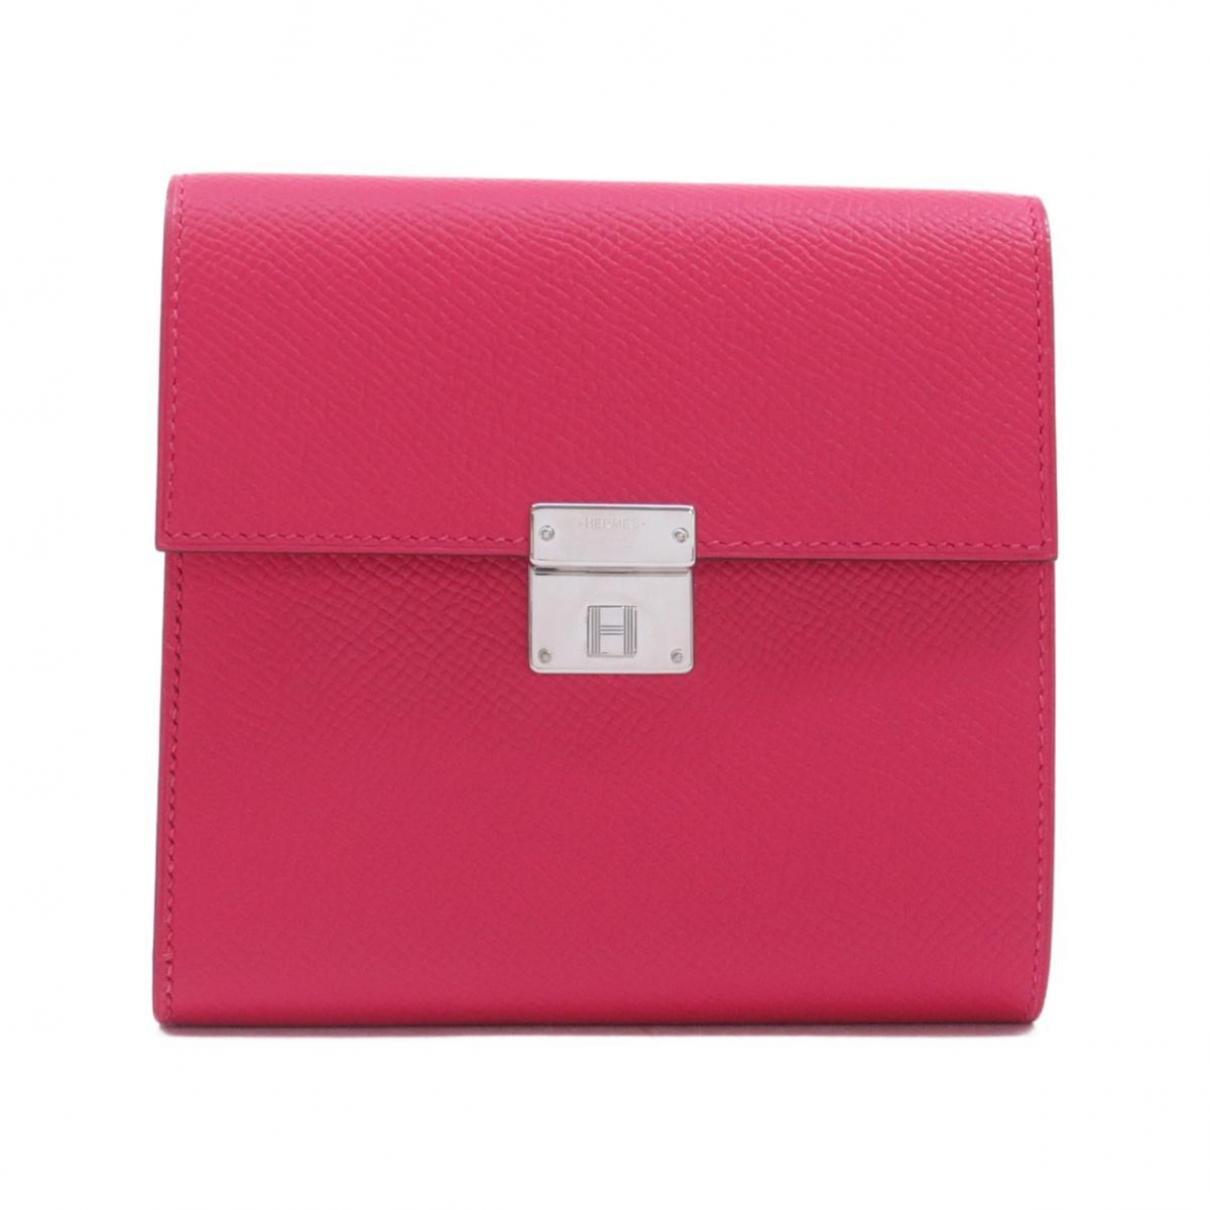 Hermes - Portefeuille Clic 12 pour femme en cuir - rose